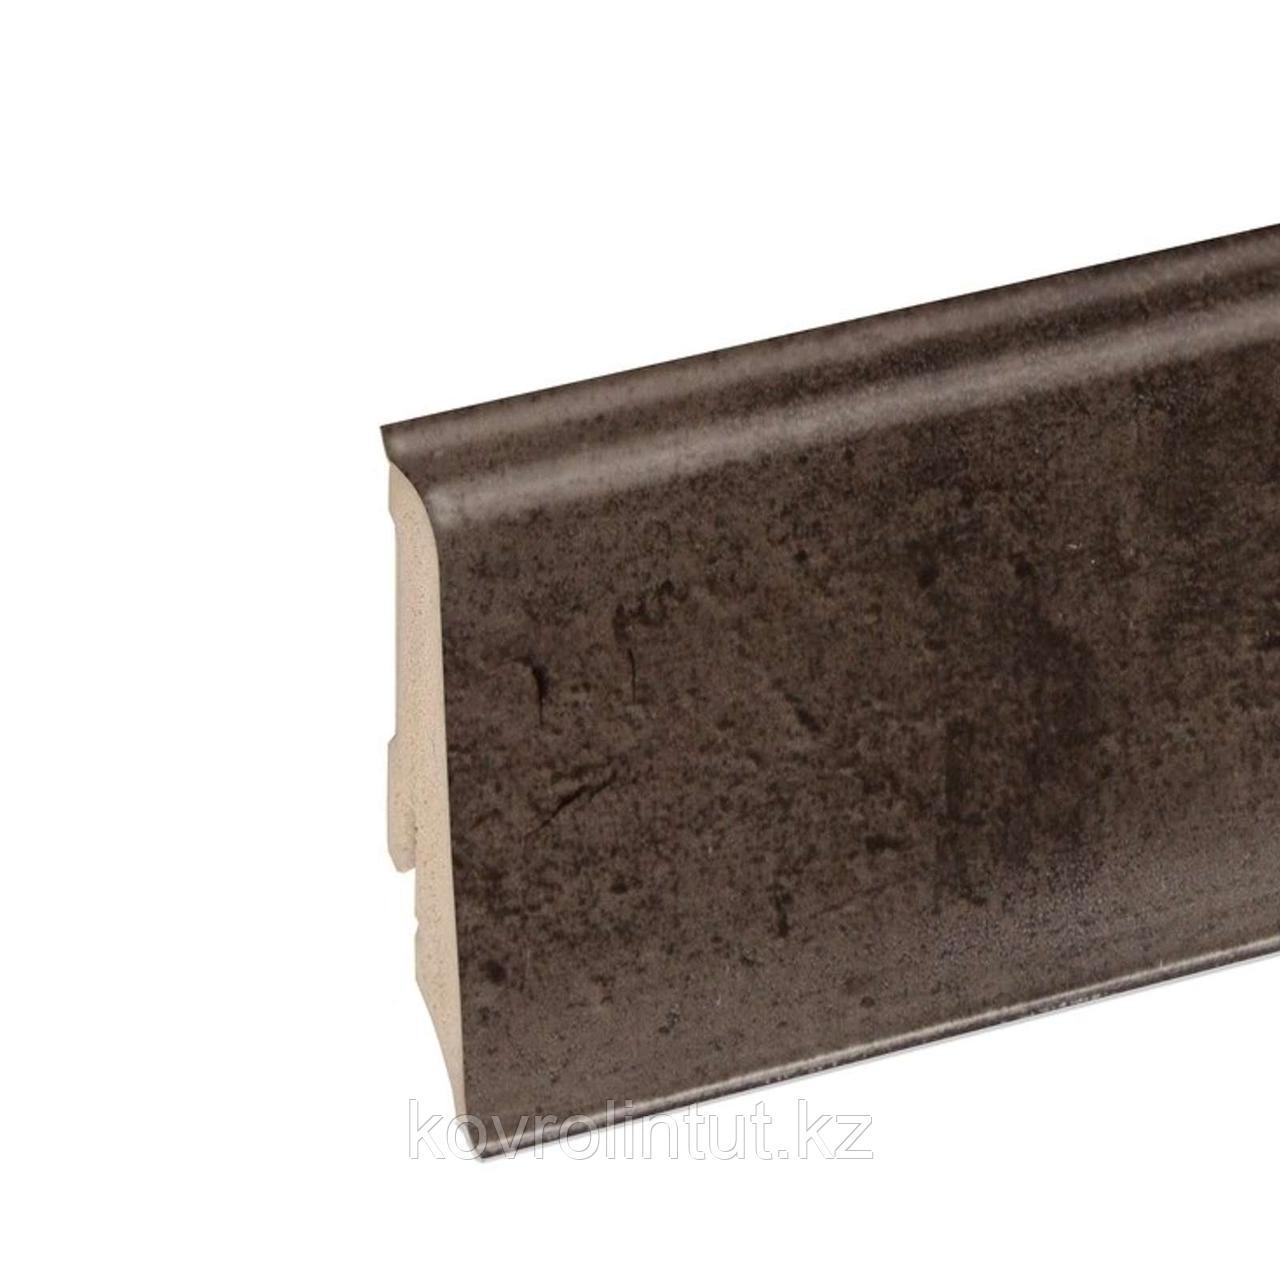 Плинтус композитный для LVT Neuhofer Holz, K0210L, 714471, 2400х59х17 мм